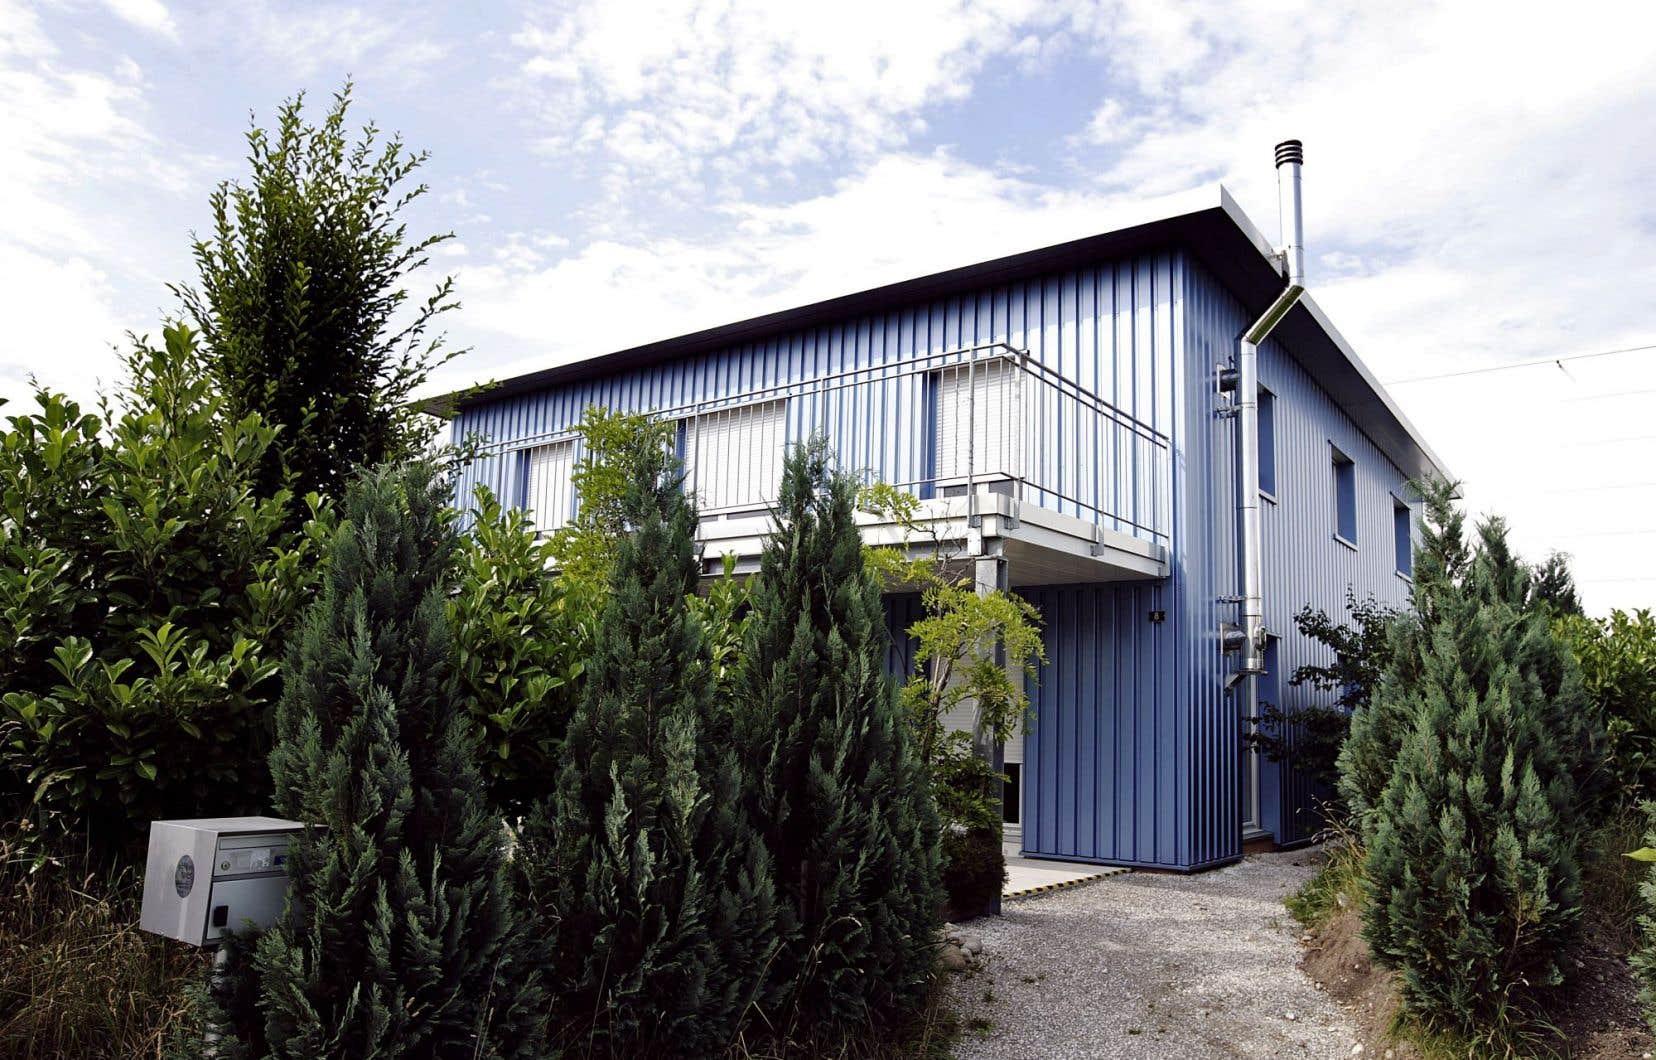 La petite maison bleue de Dignitas